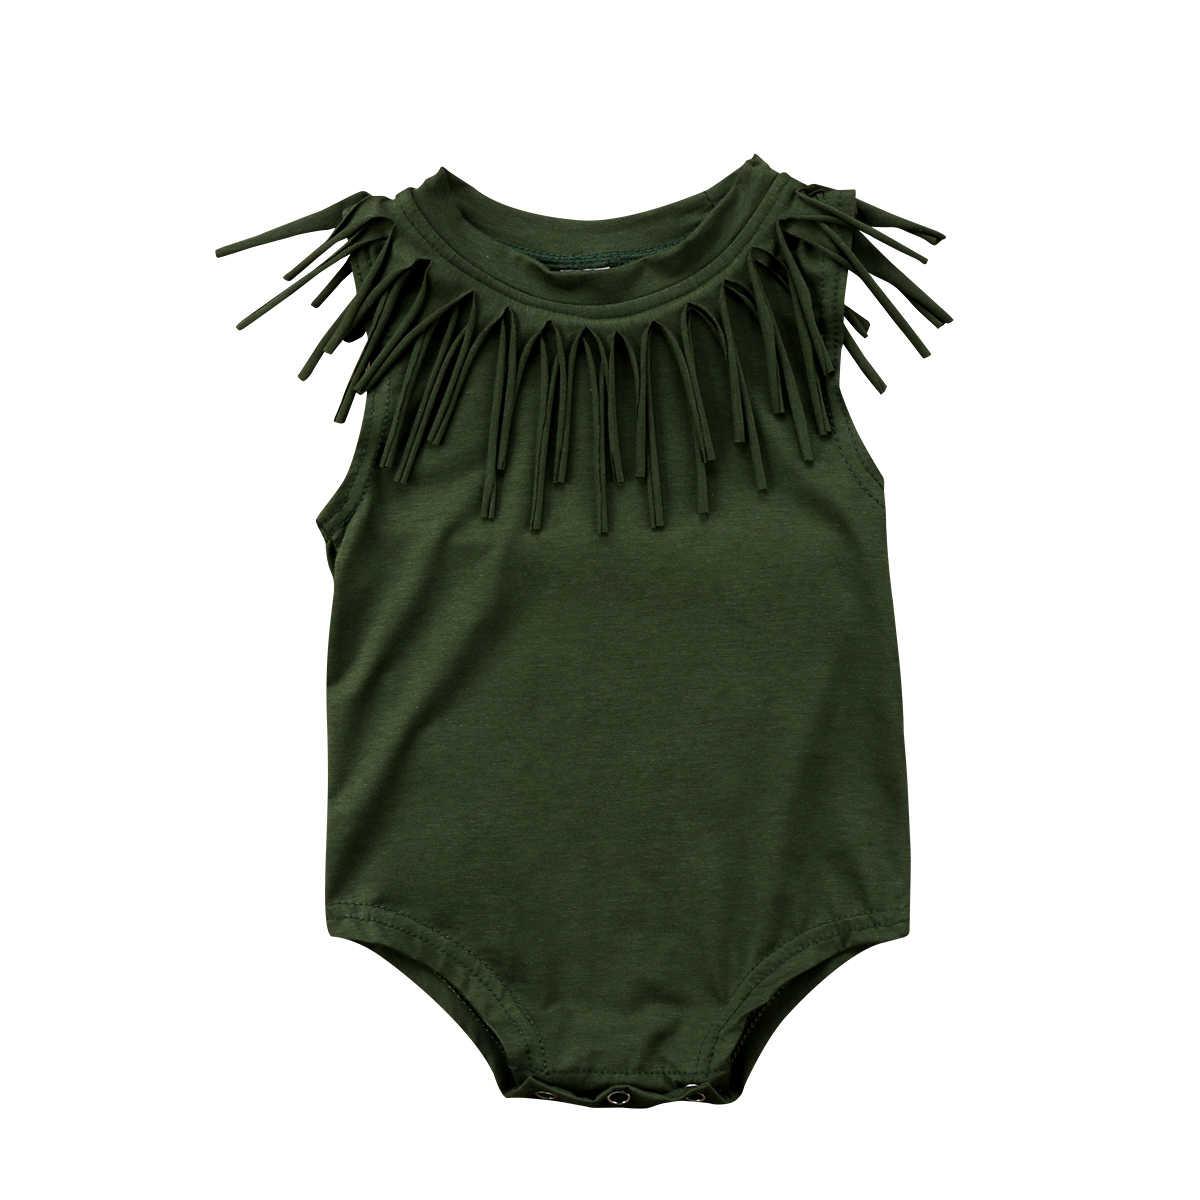 Одежда для маленьких девочек Малыш Обувь для девочек Винтаж TASSEL Romper черный/Армейский зеленый комбинезон хлопковая одежда летние Одежда для малышек